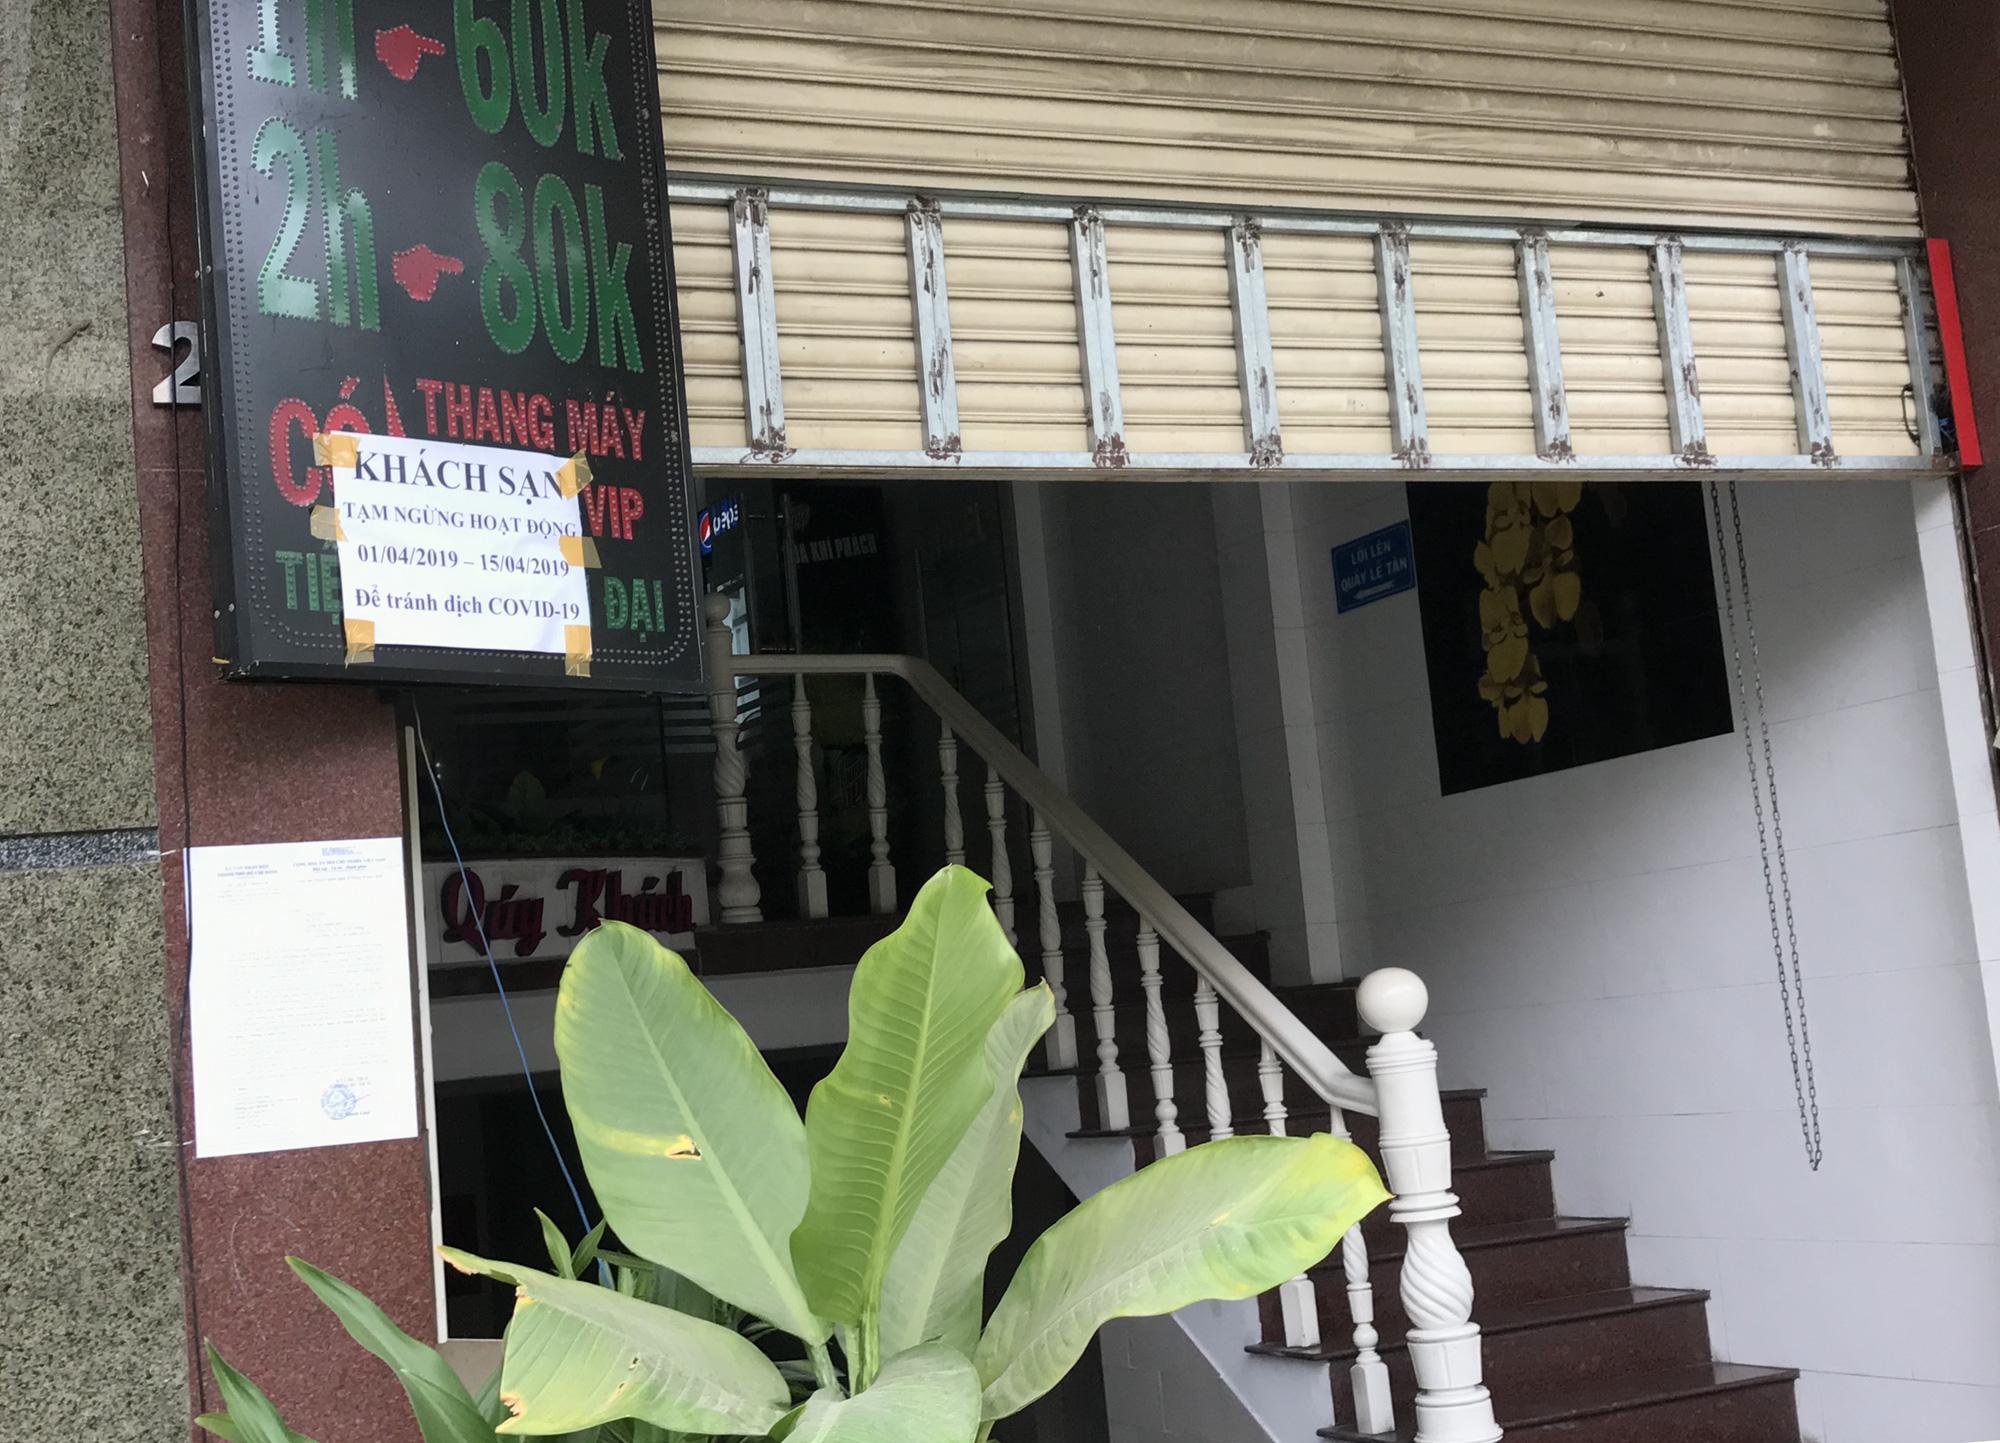 Cửa hàng, quán ăn Sài Gòn nín thở chờ lệnh cách li xã hội - Ảnh 2.